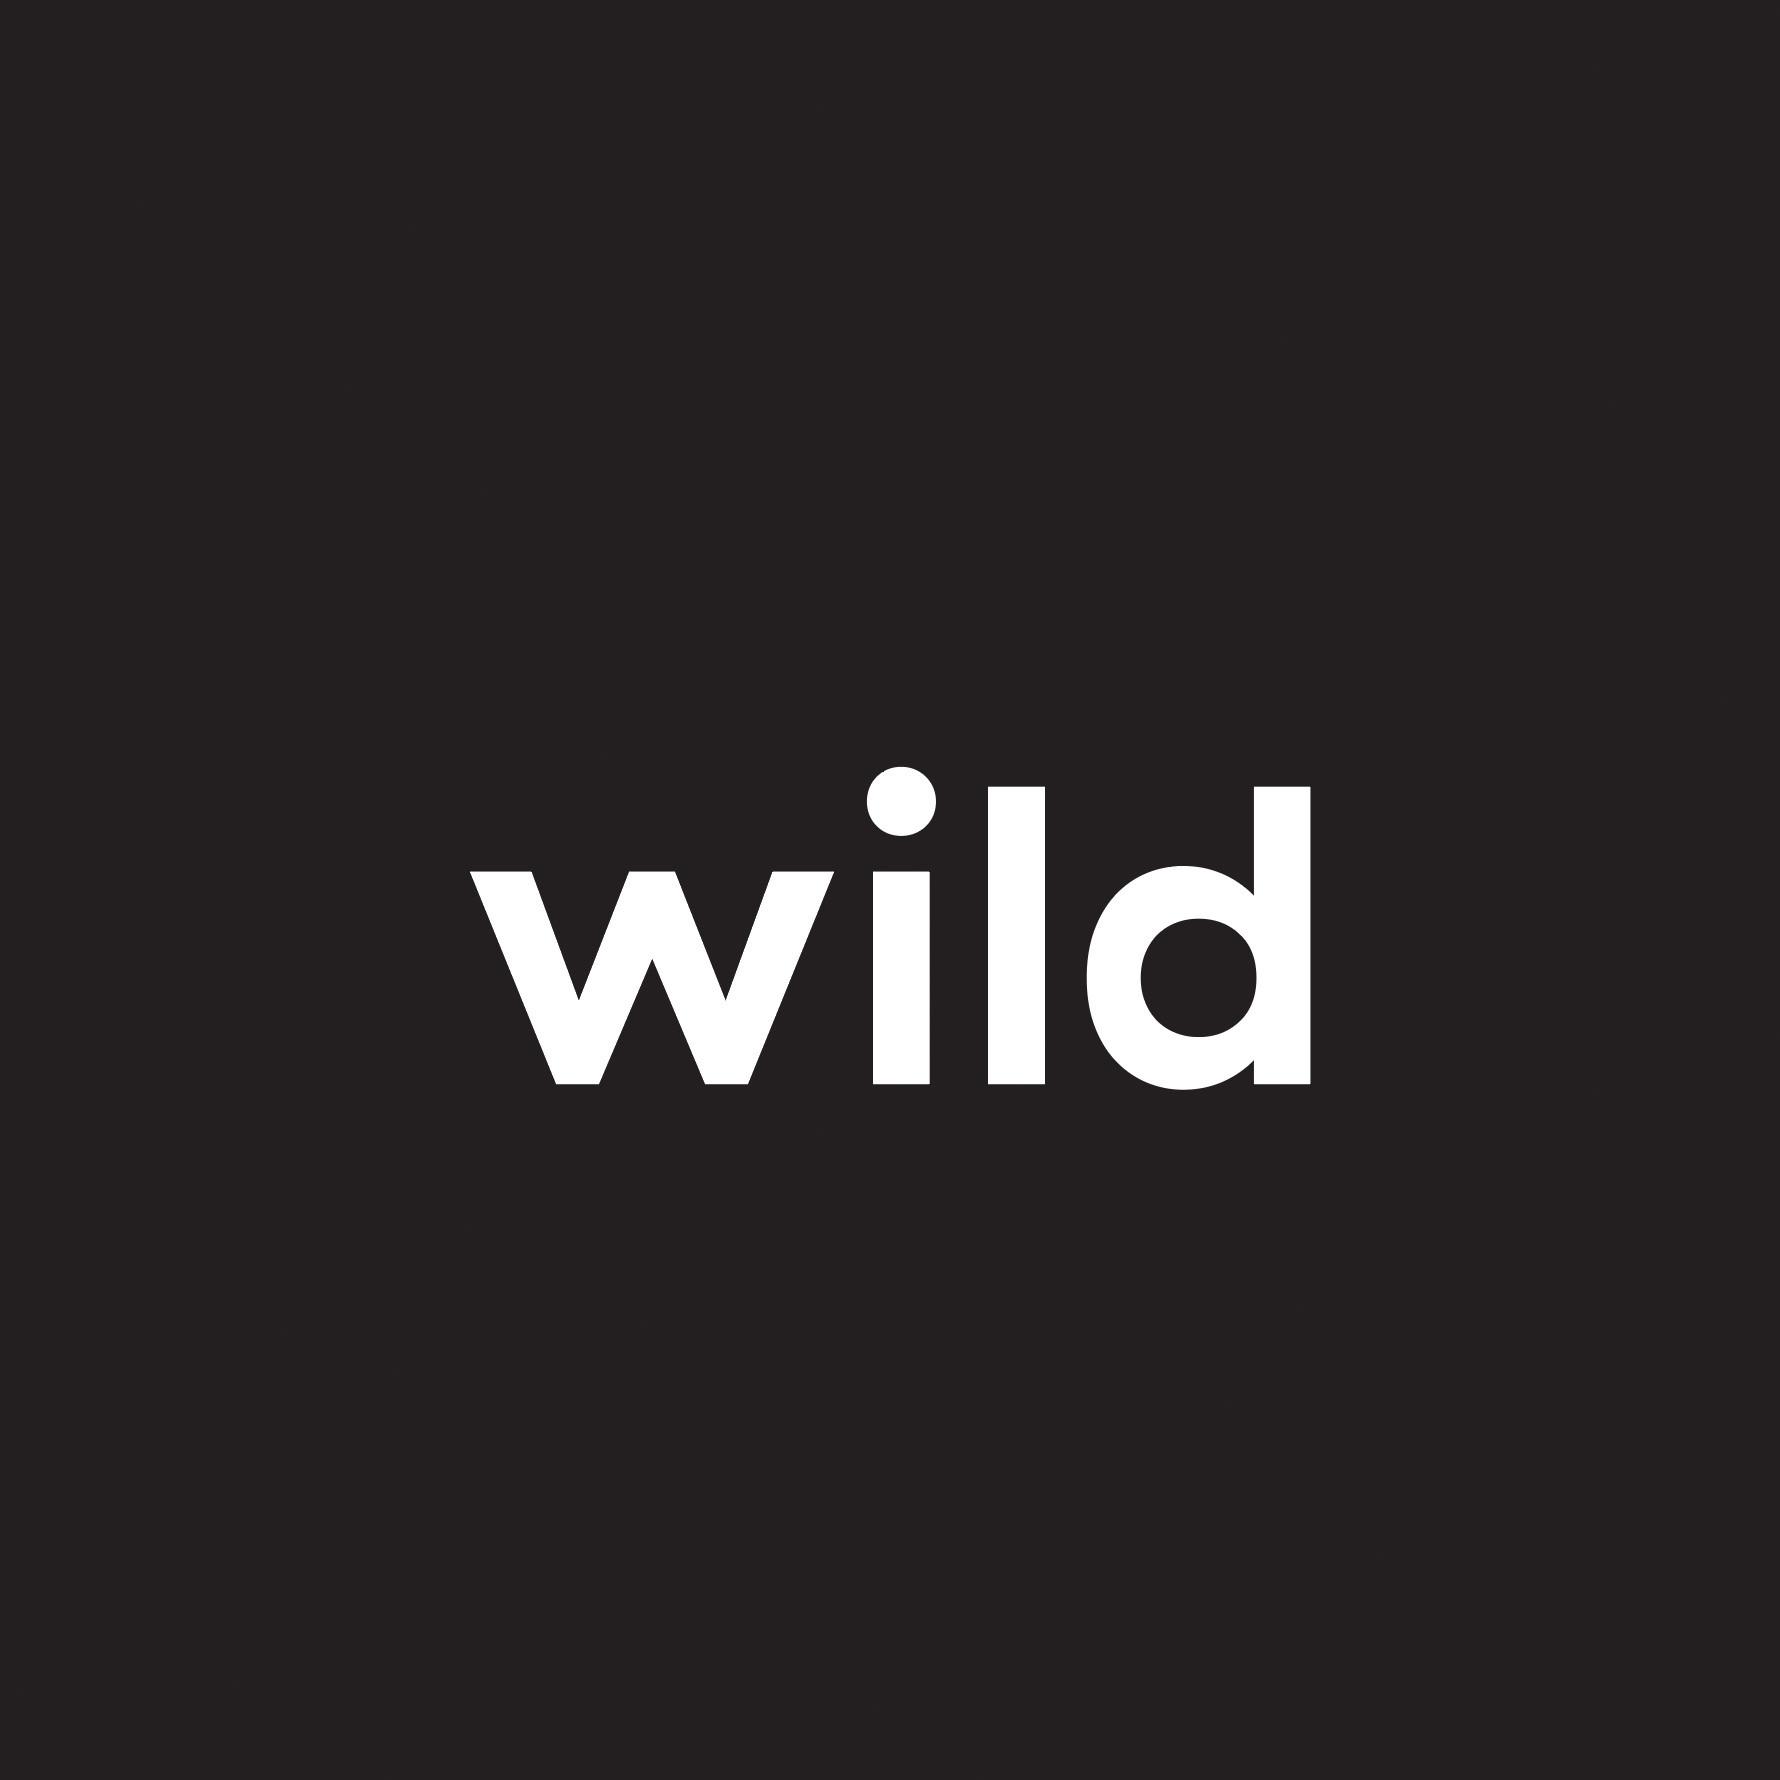 By wild